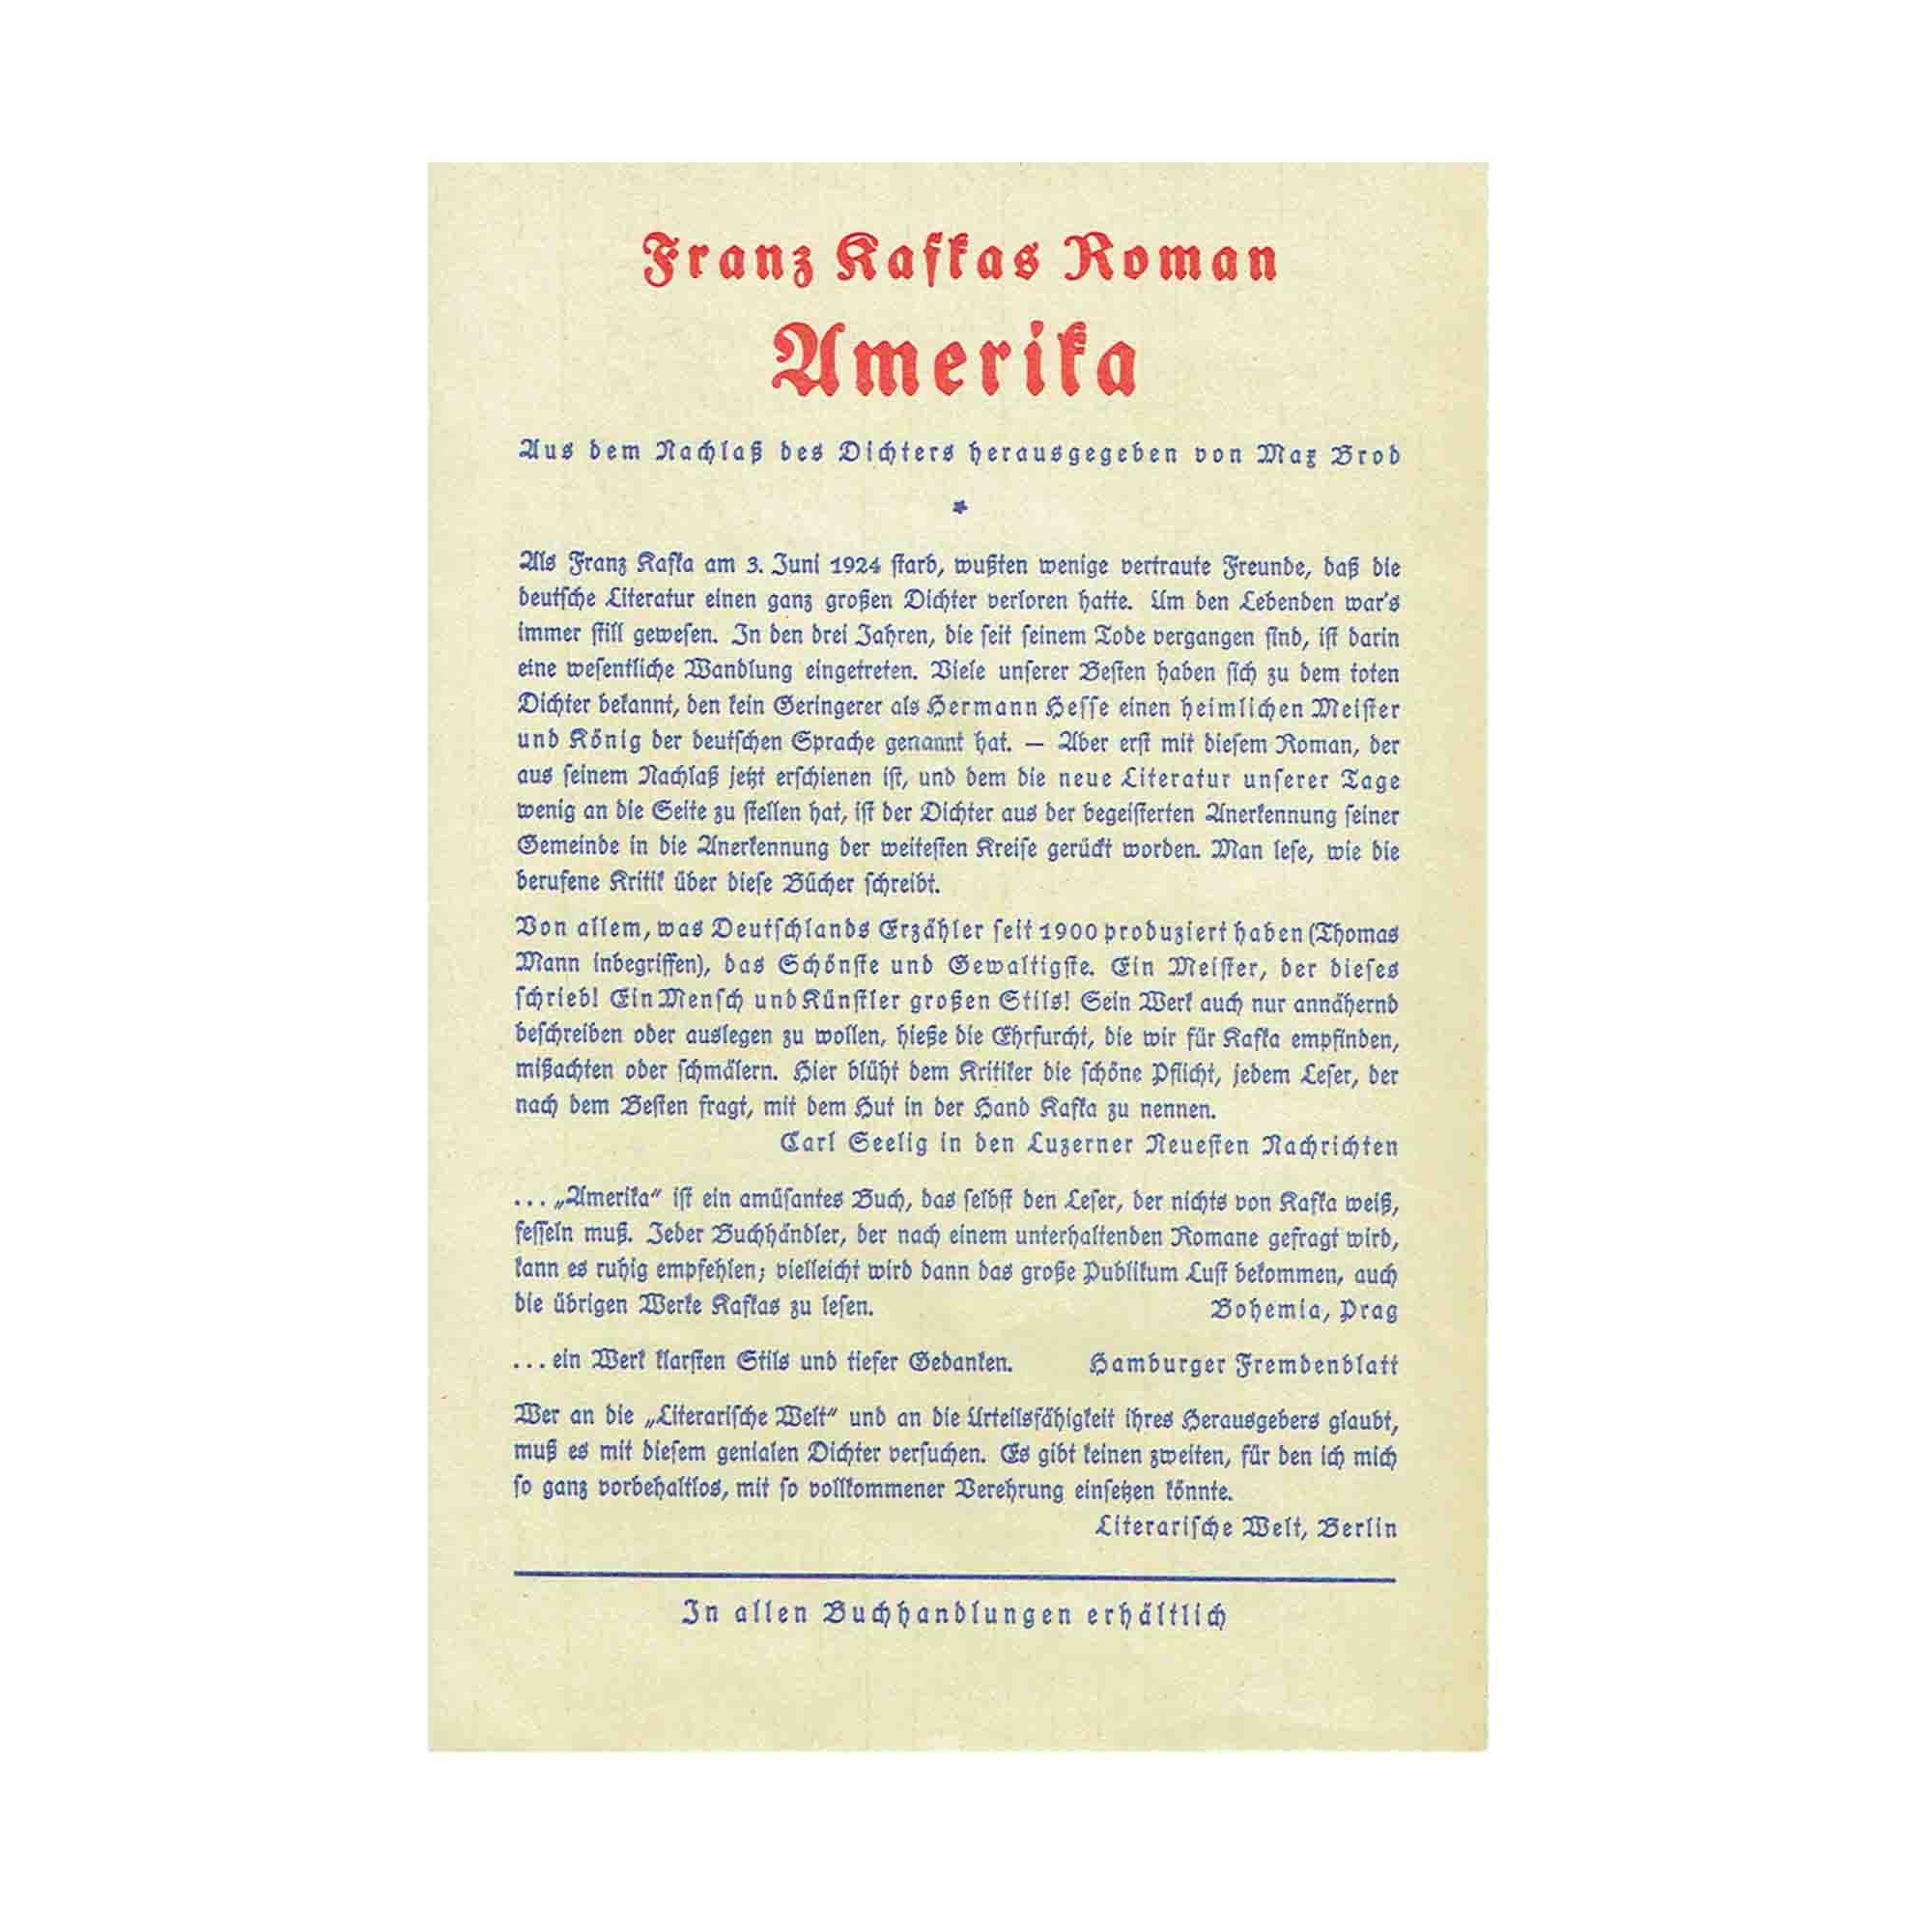 5442-Kafka-Amerika-Verlagsprospekt-1927-N.jpg